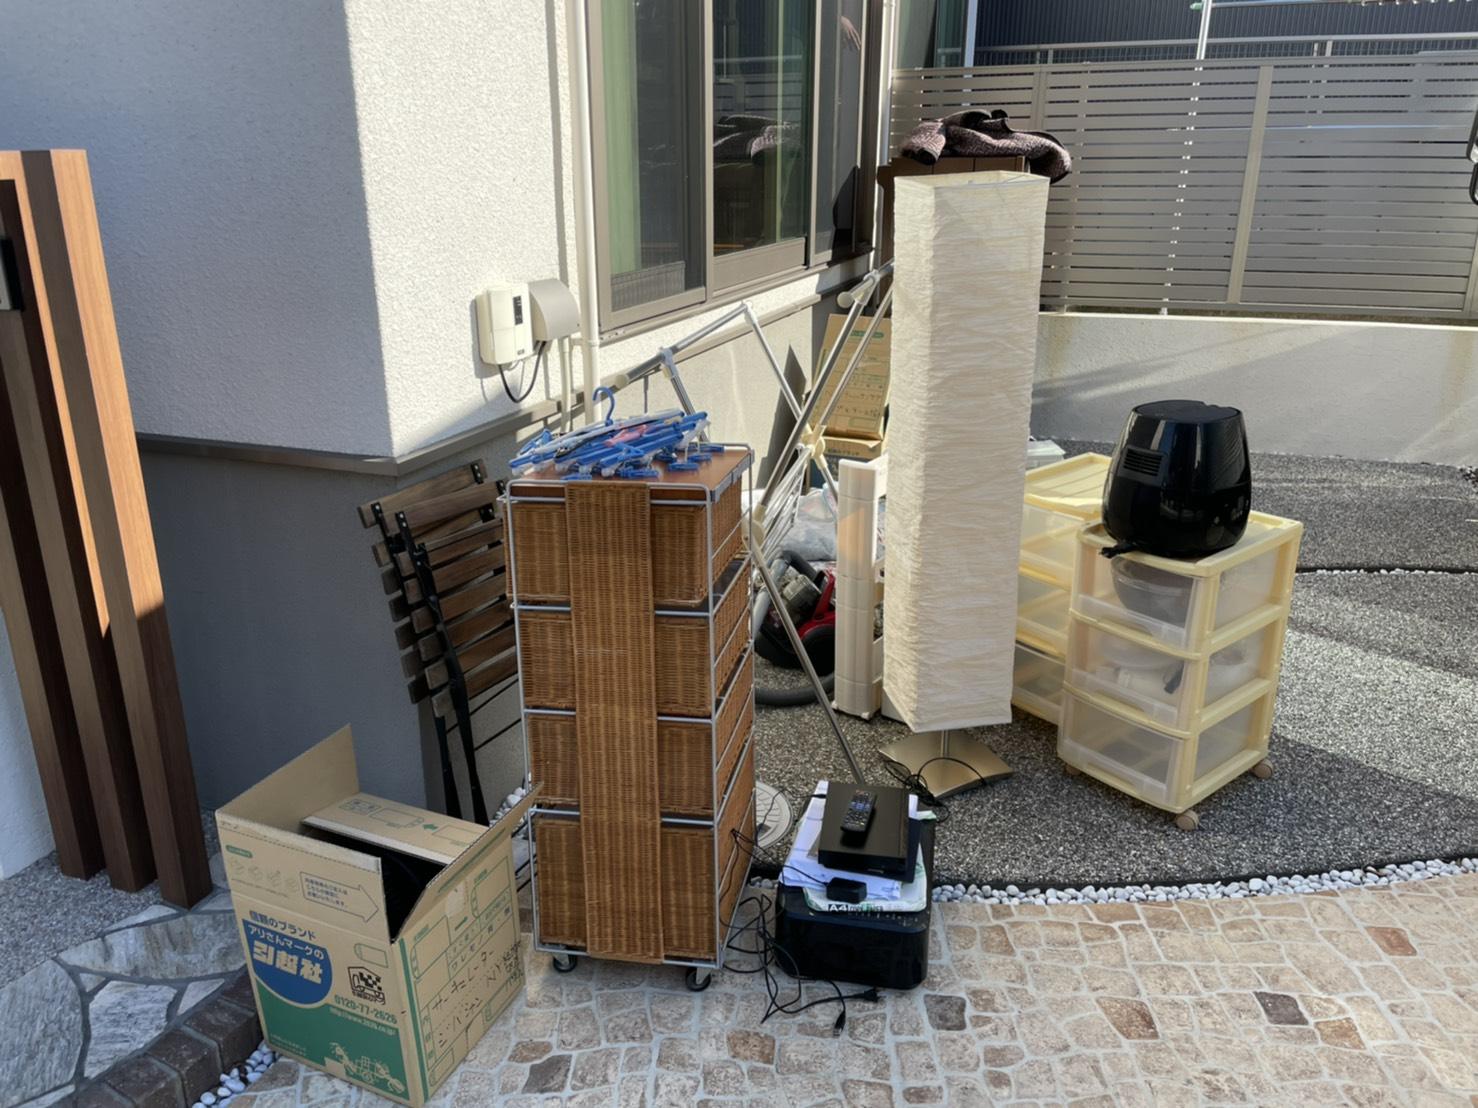 収納ケース、プリンターなどの不用品の回収前